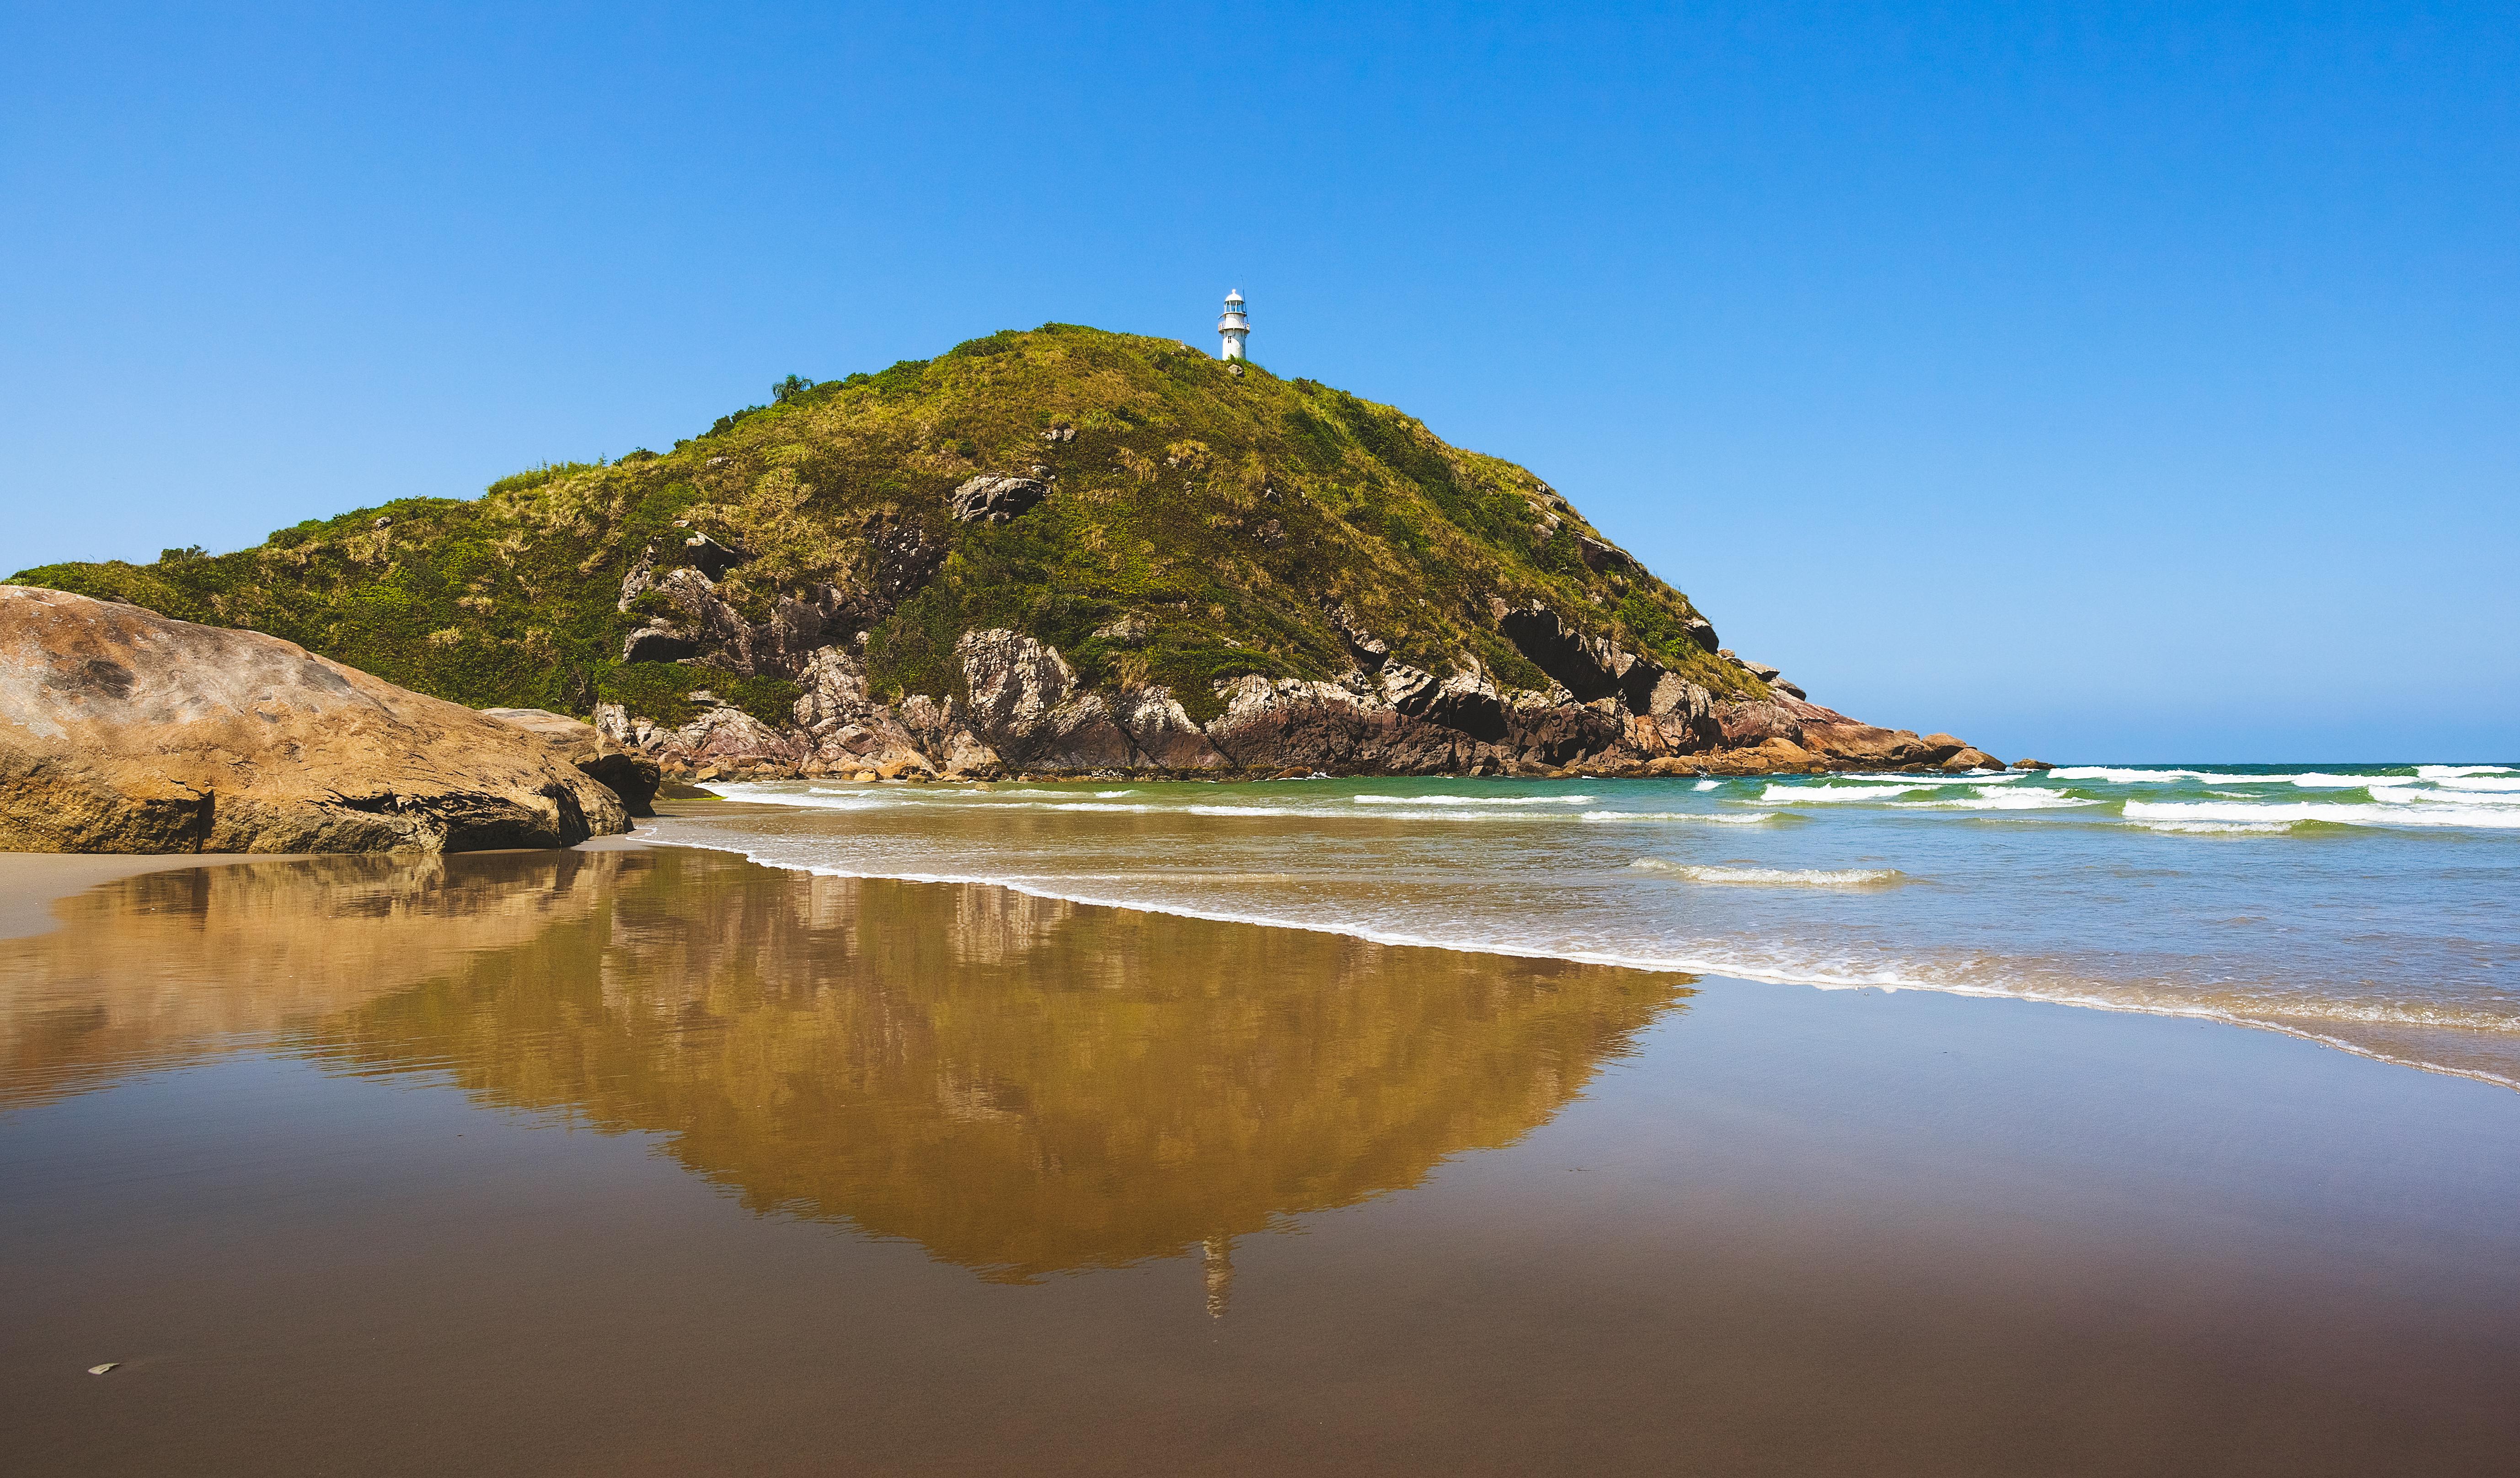 Praia de Fora - Ilha do Mel - Praias do Sul do Brasil